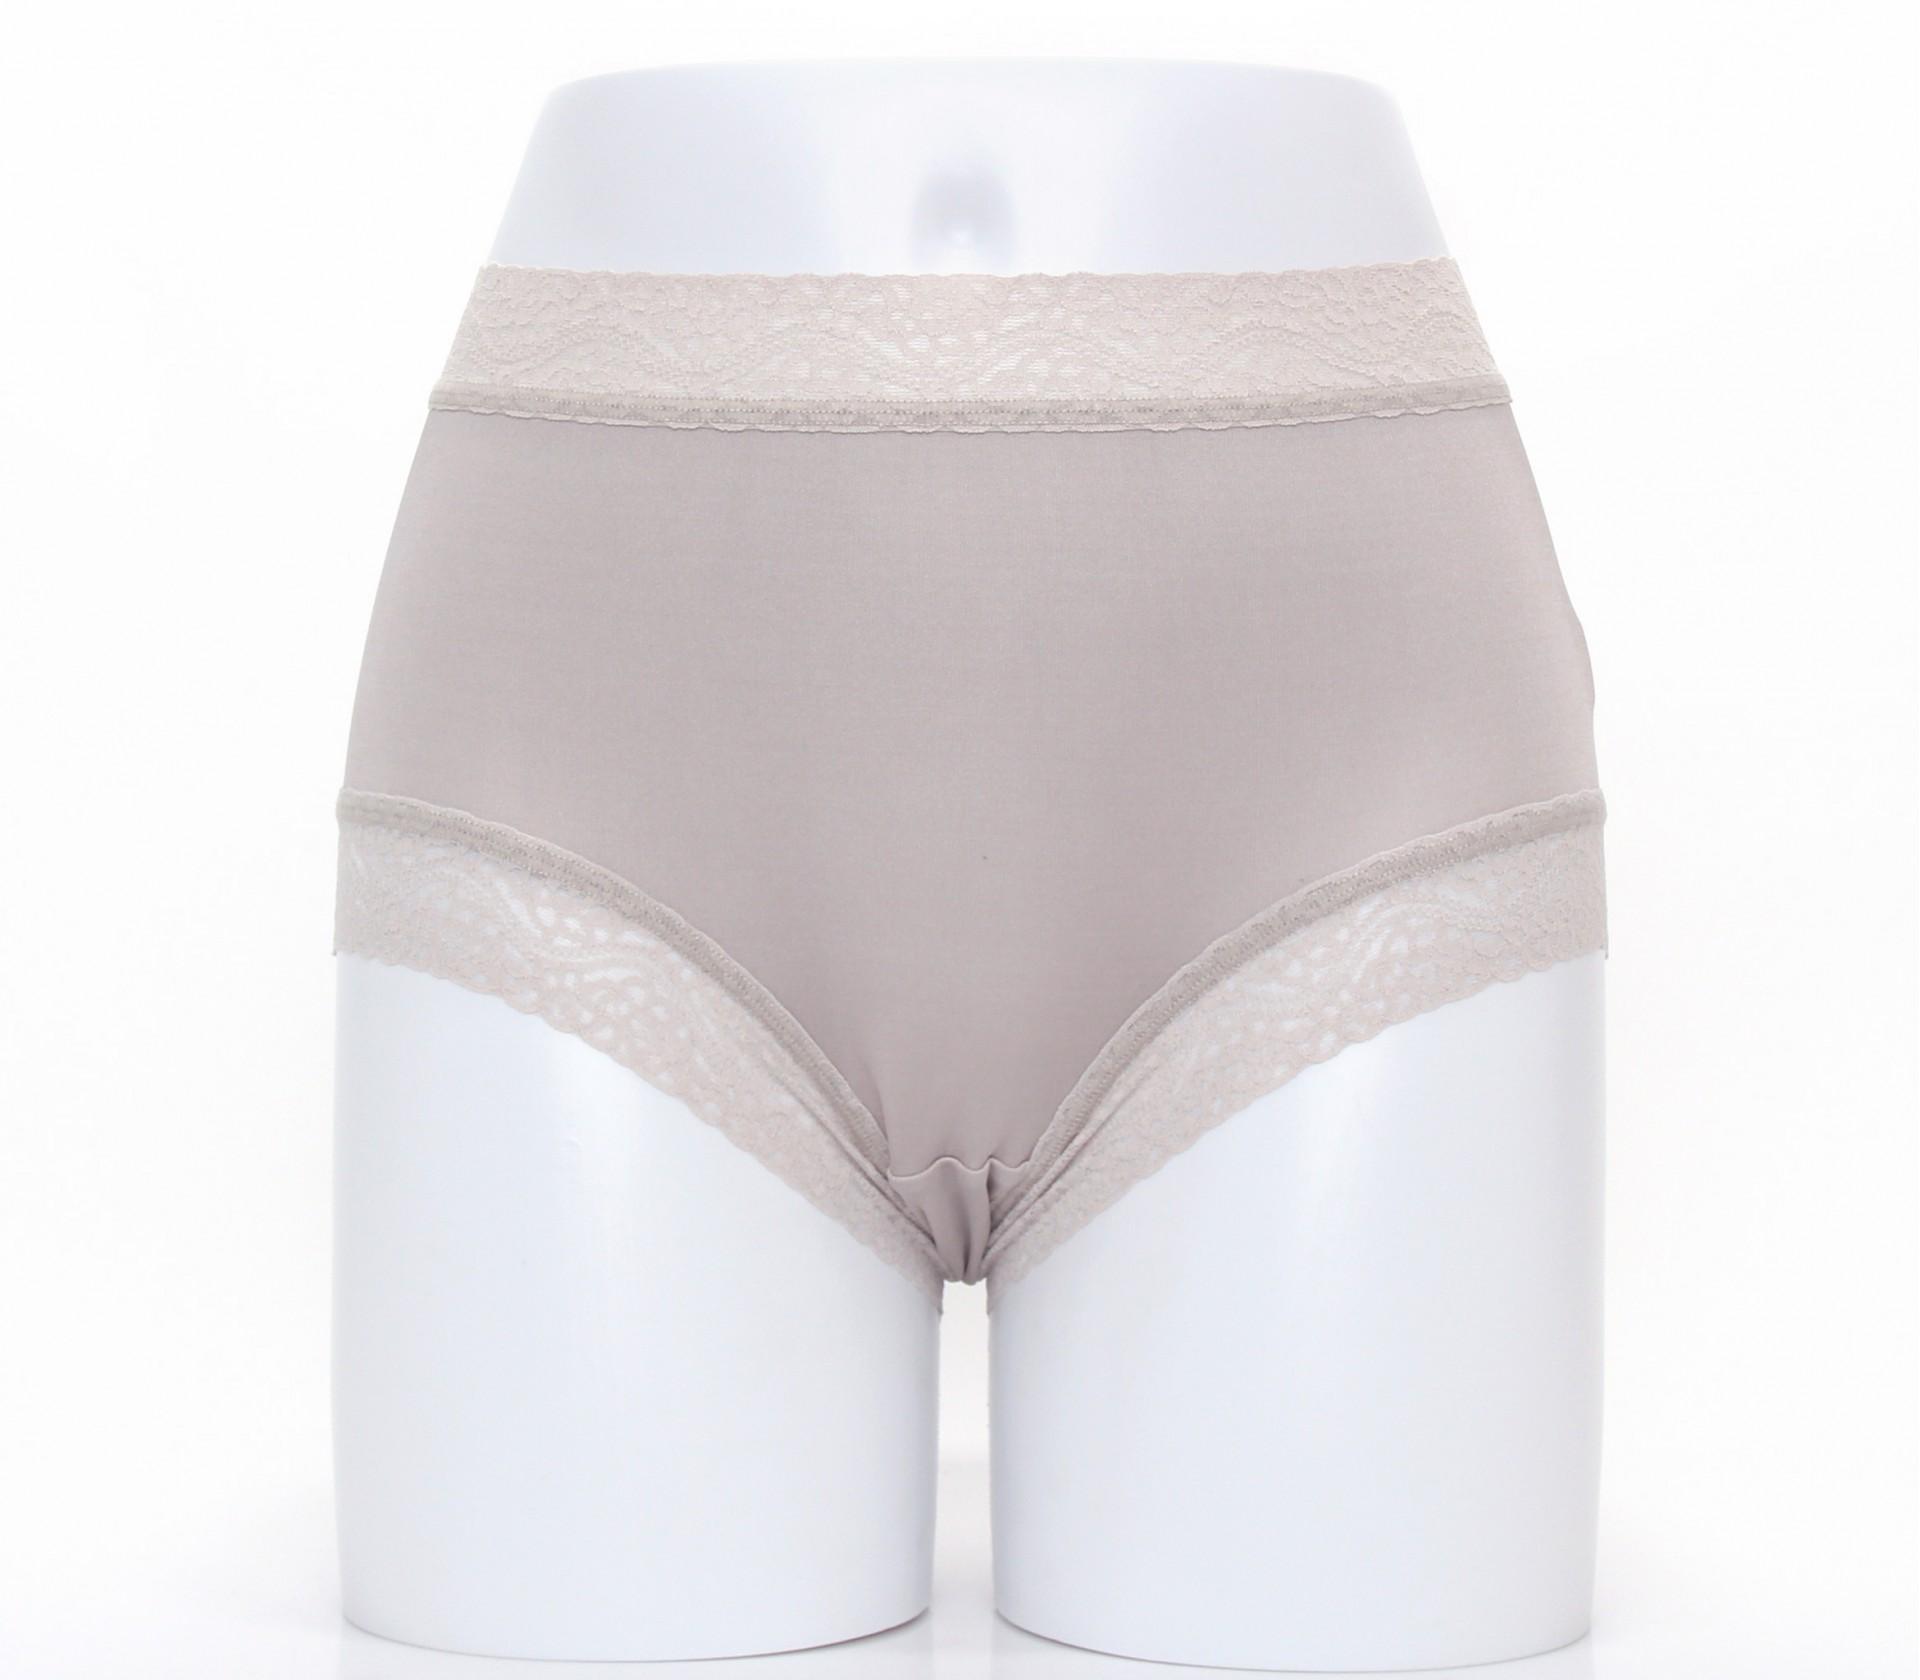 闕蘭絹舒適優雅42針100%蠶絲內褲-3309(灰)